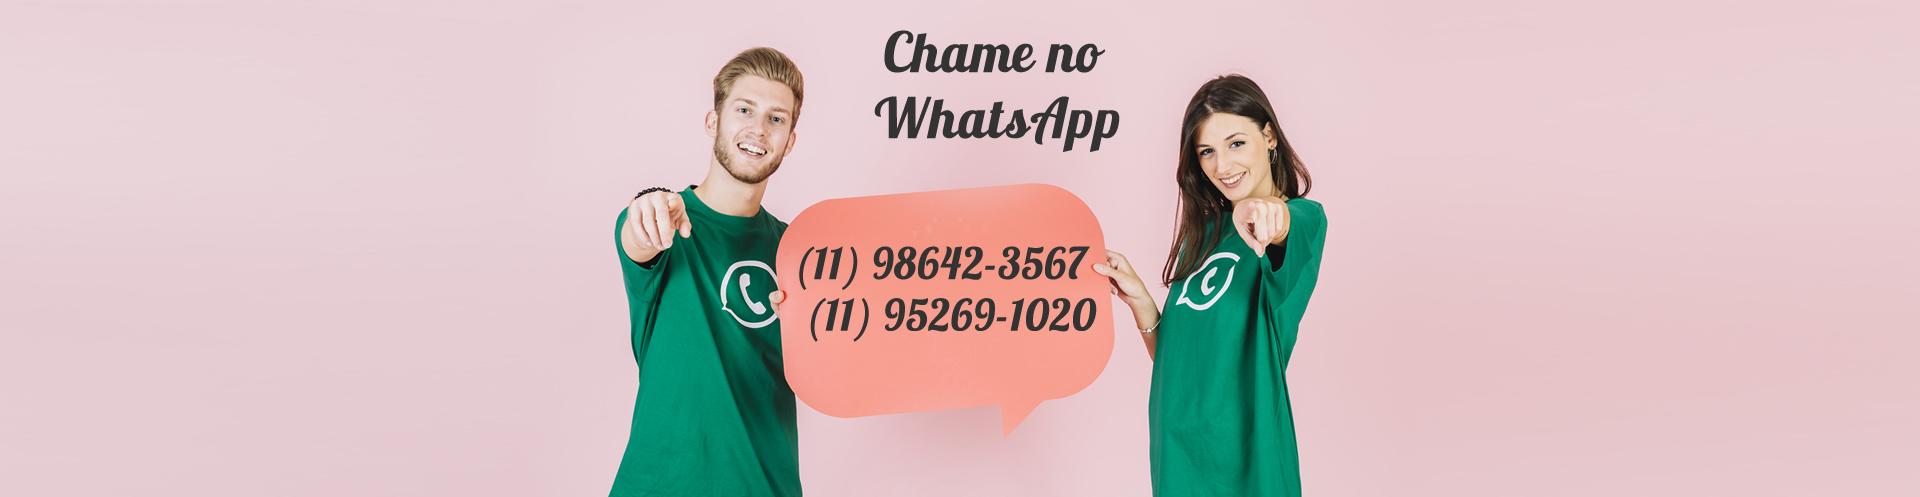 slide-flores-martinho-whatsapp